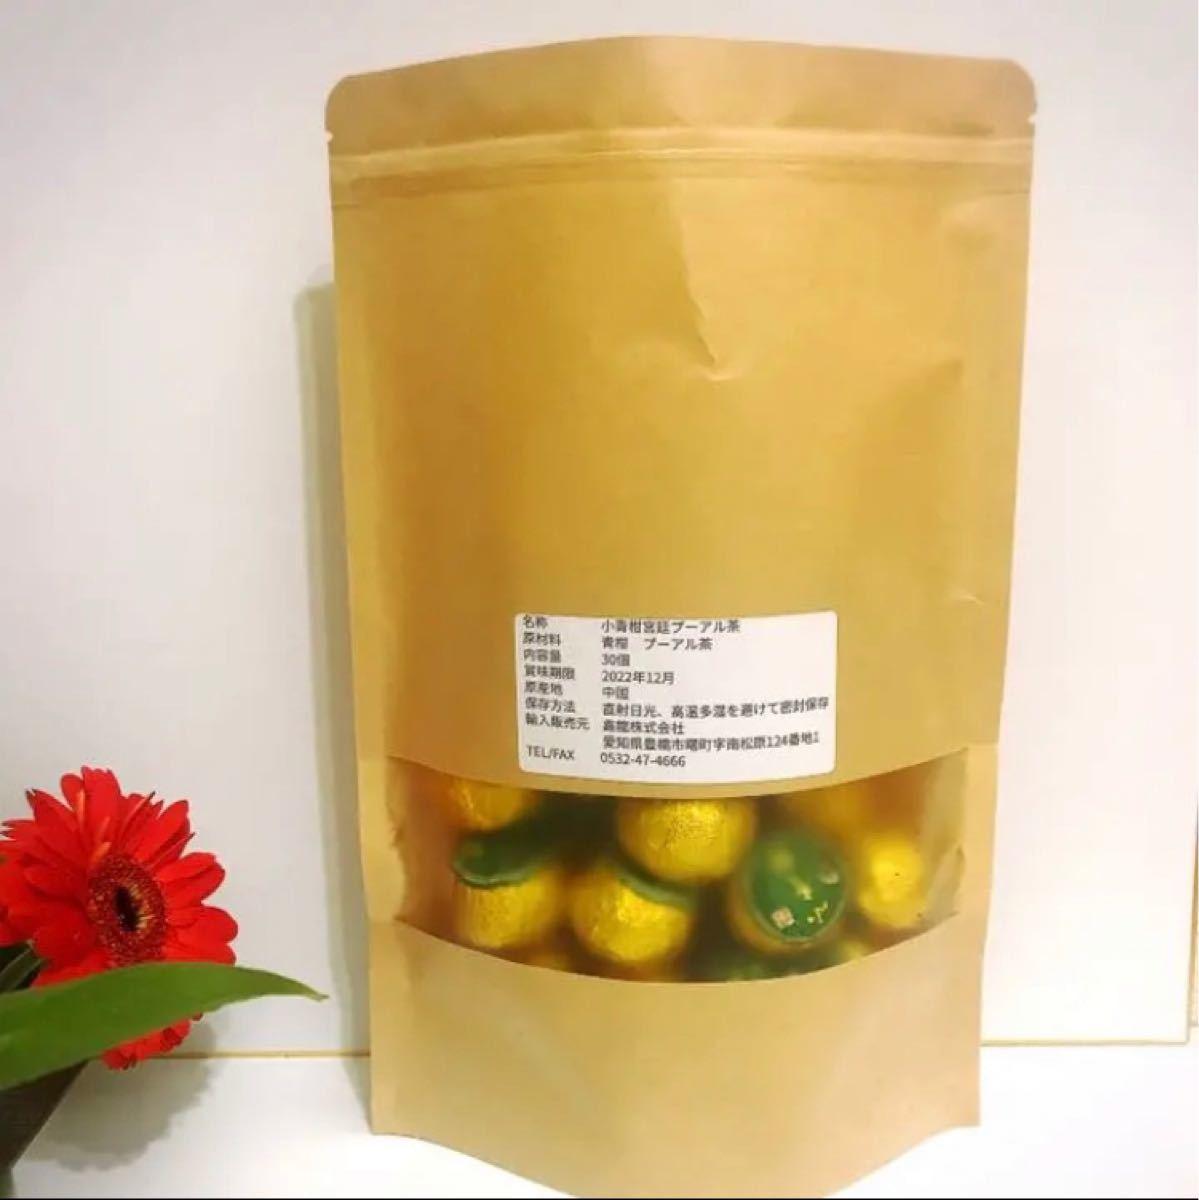 中国茶 小青柑 宮廷プーアル茶30個セット 健康茶 美容茶 薬膳茶 おばあちゃん リーメント 家 ぷちサンプルシリーズ